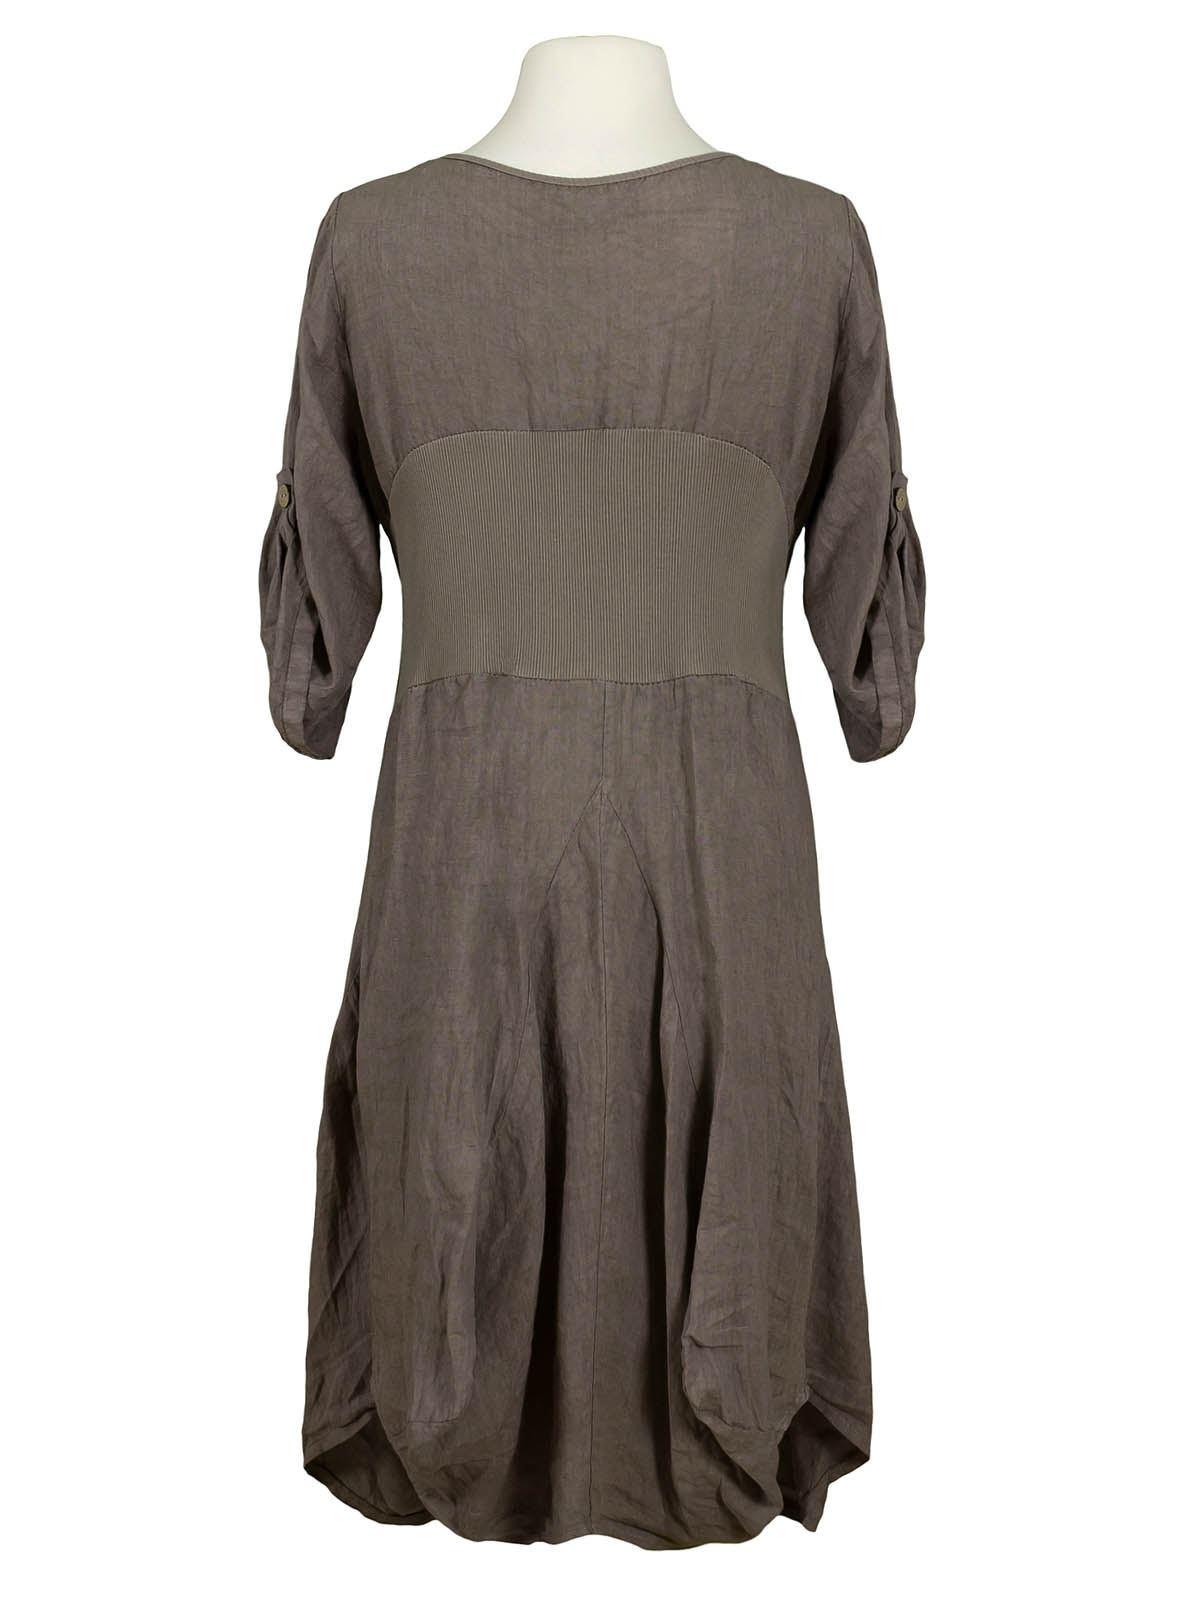 Designer Schön Kleid A Form für 2019Designer Erstaunlich Kleid A Form Bester Preis